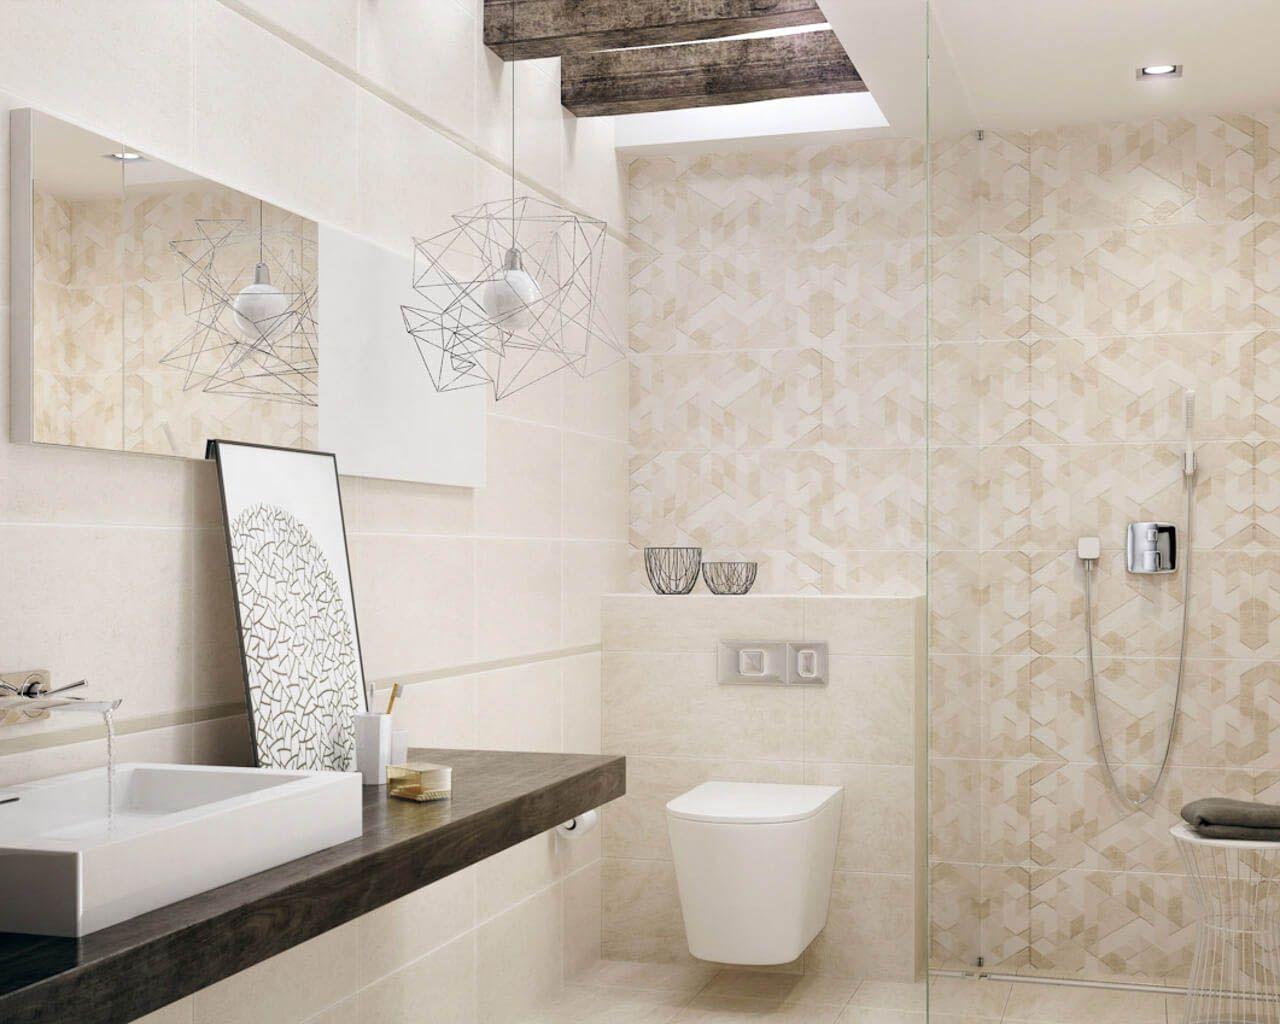 Mała łazienka Z Prysznicem W Barwach Piaskowca Ceramika